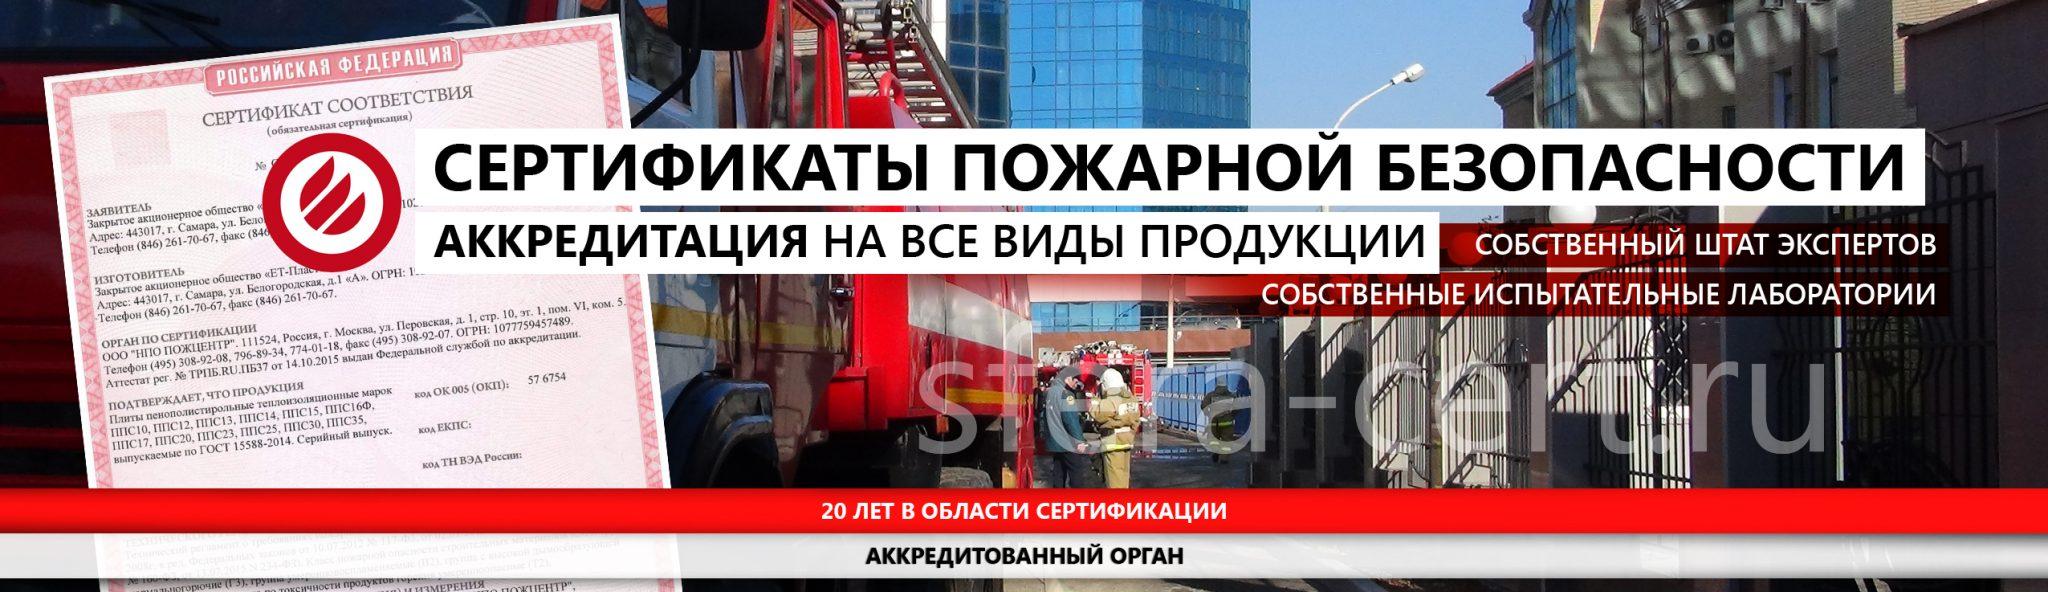 Сертификат пожарной безопасности баннер